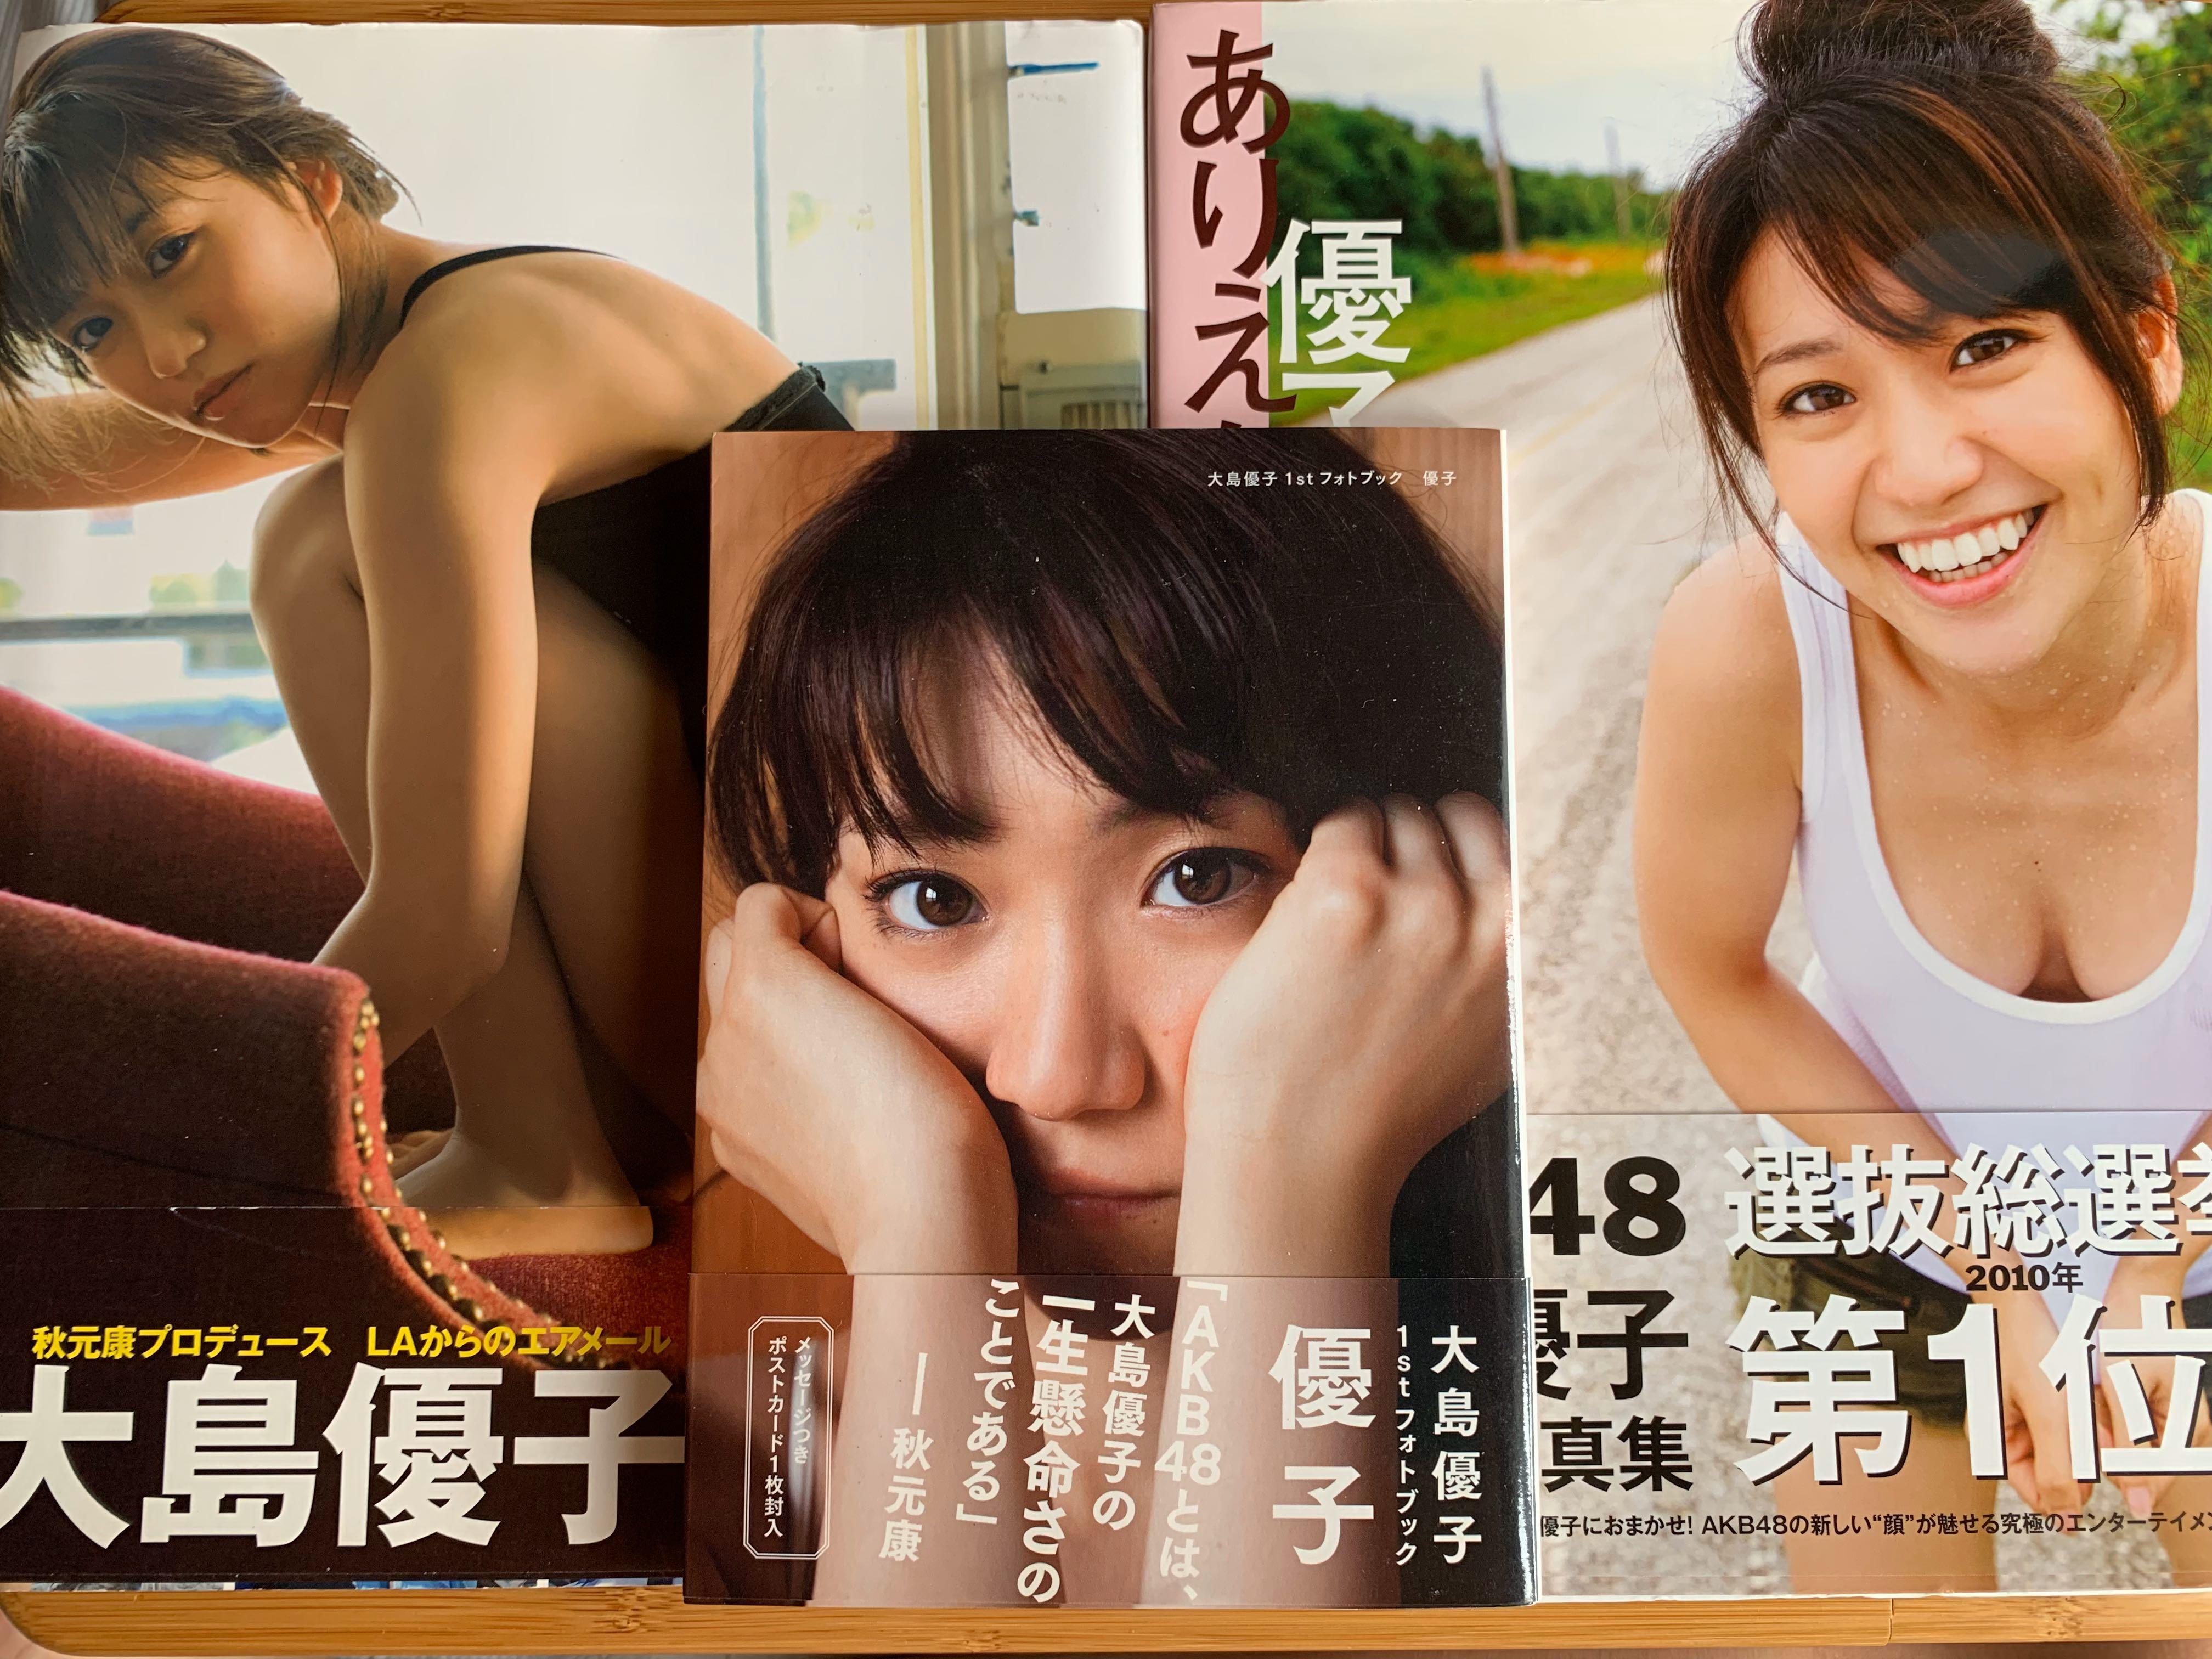 大島優子 寫真集 套裝出售